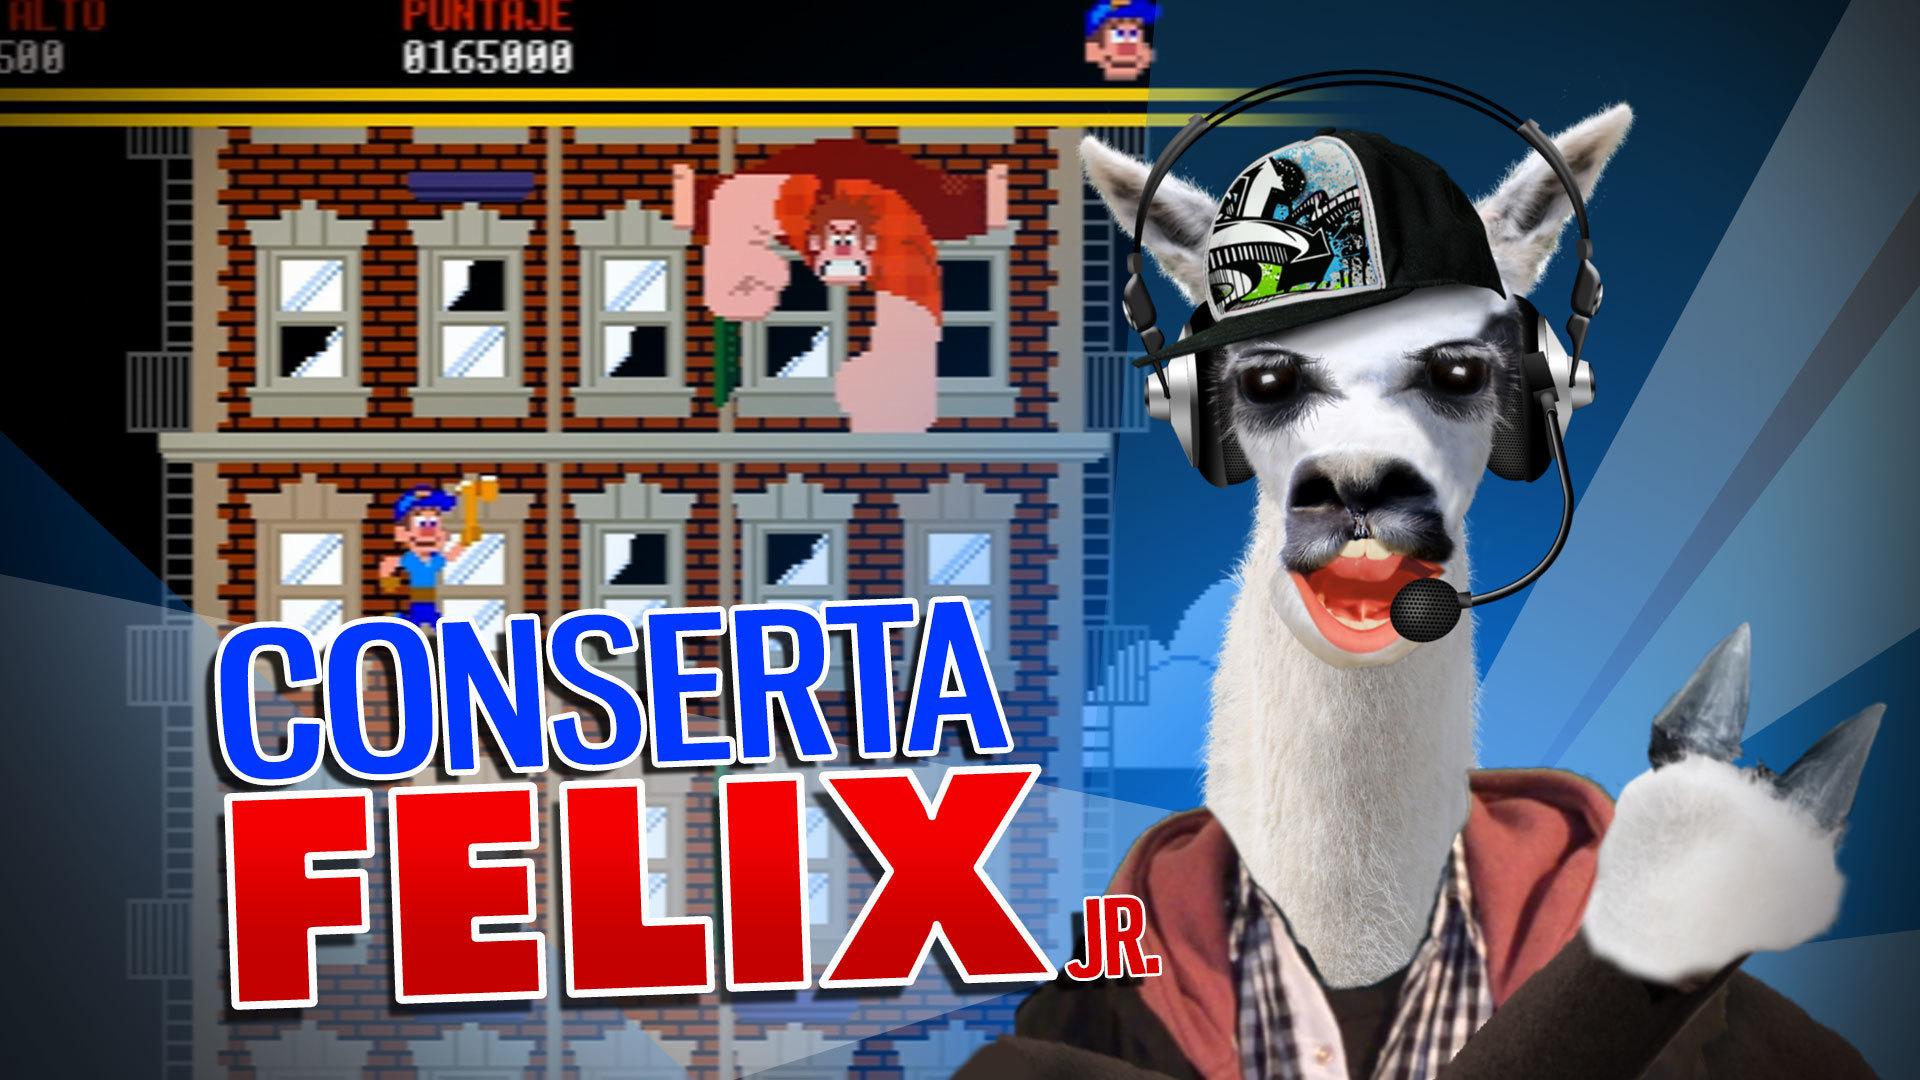 #PlaySteve - Conserta, Félix